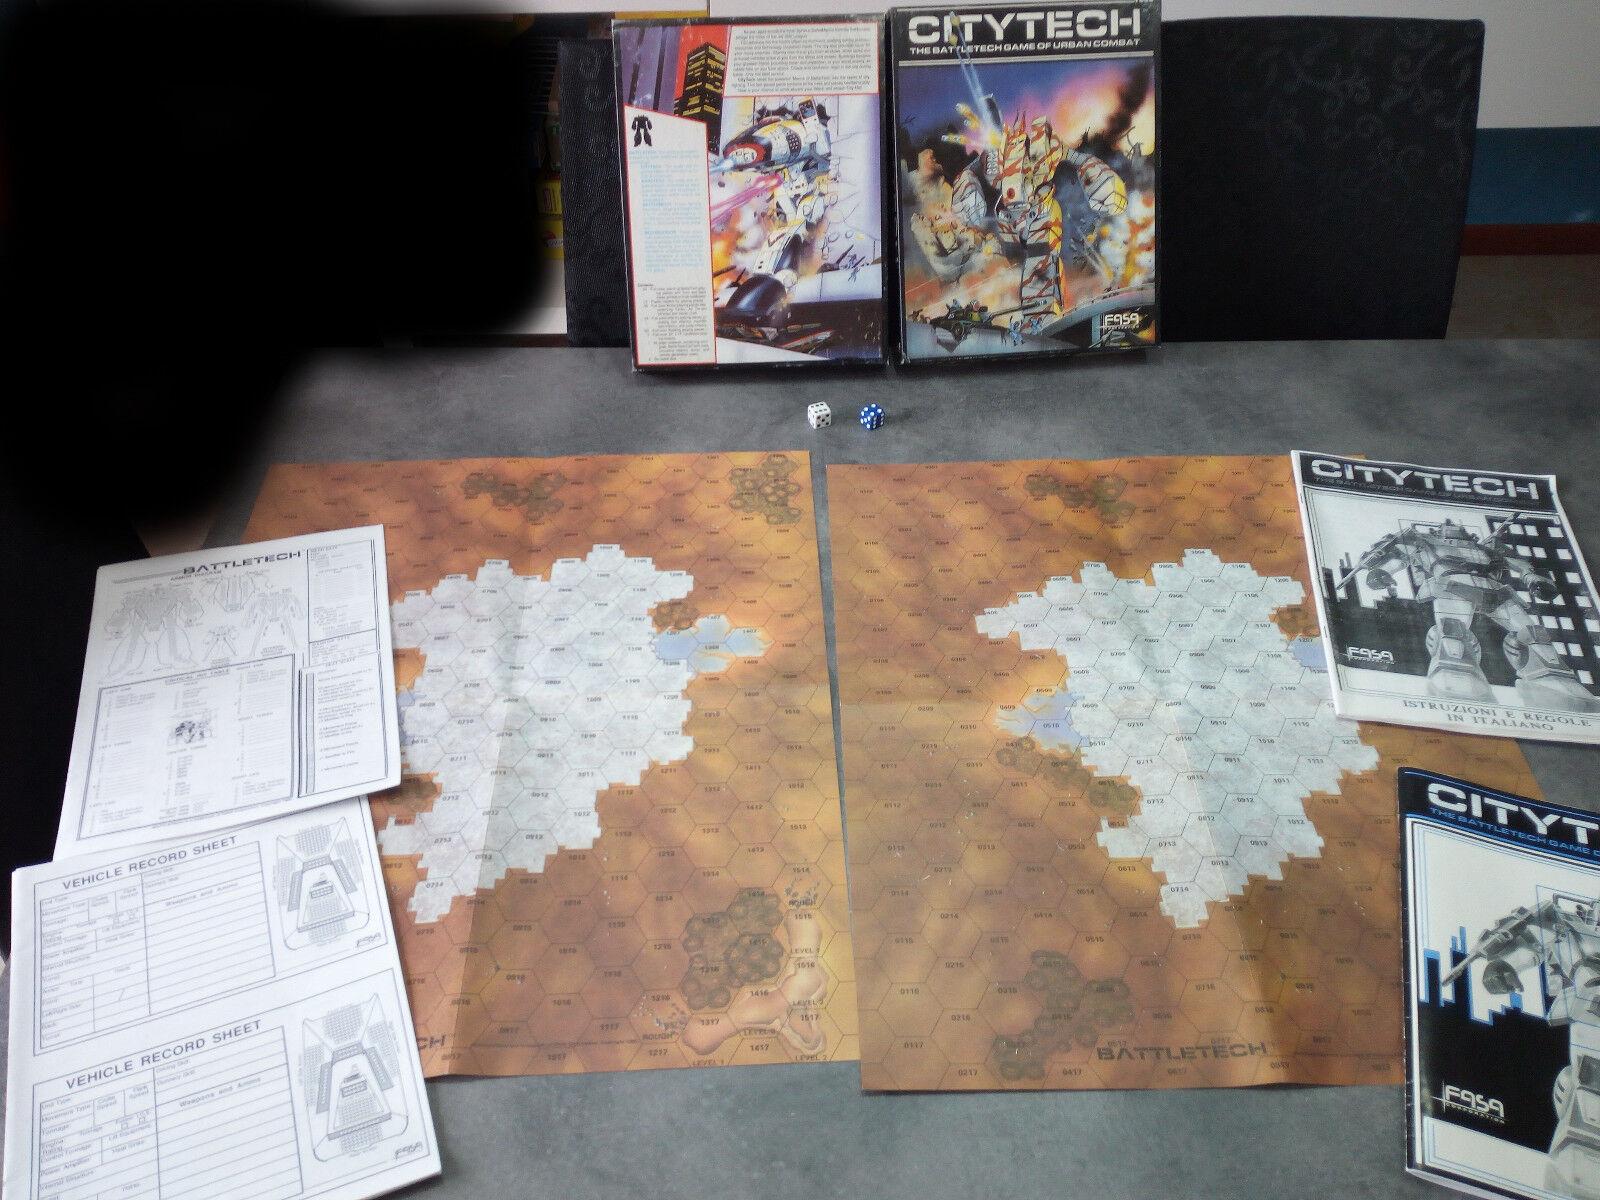 Cittàtech Fasa gioco da tavolo tavolo tavolo tavolagioco 9e807c